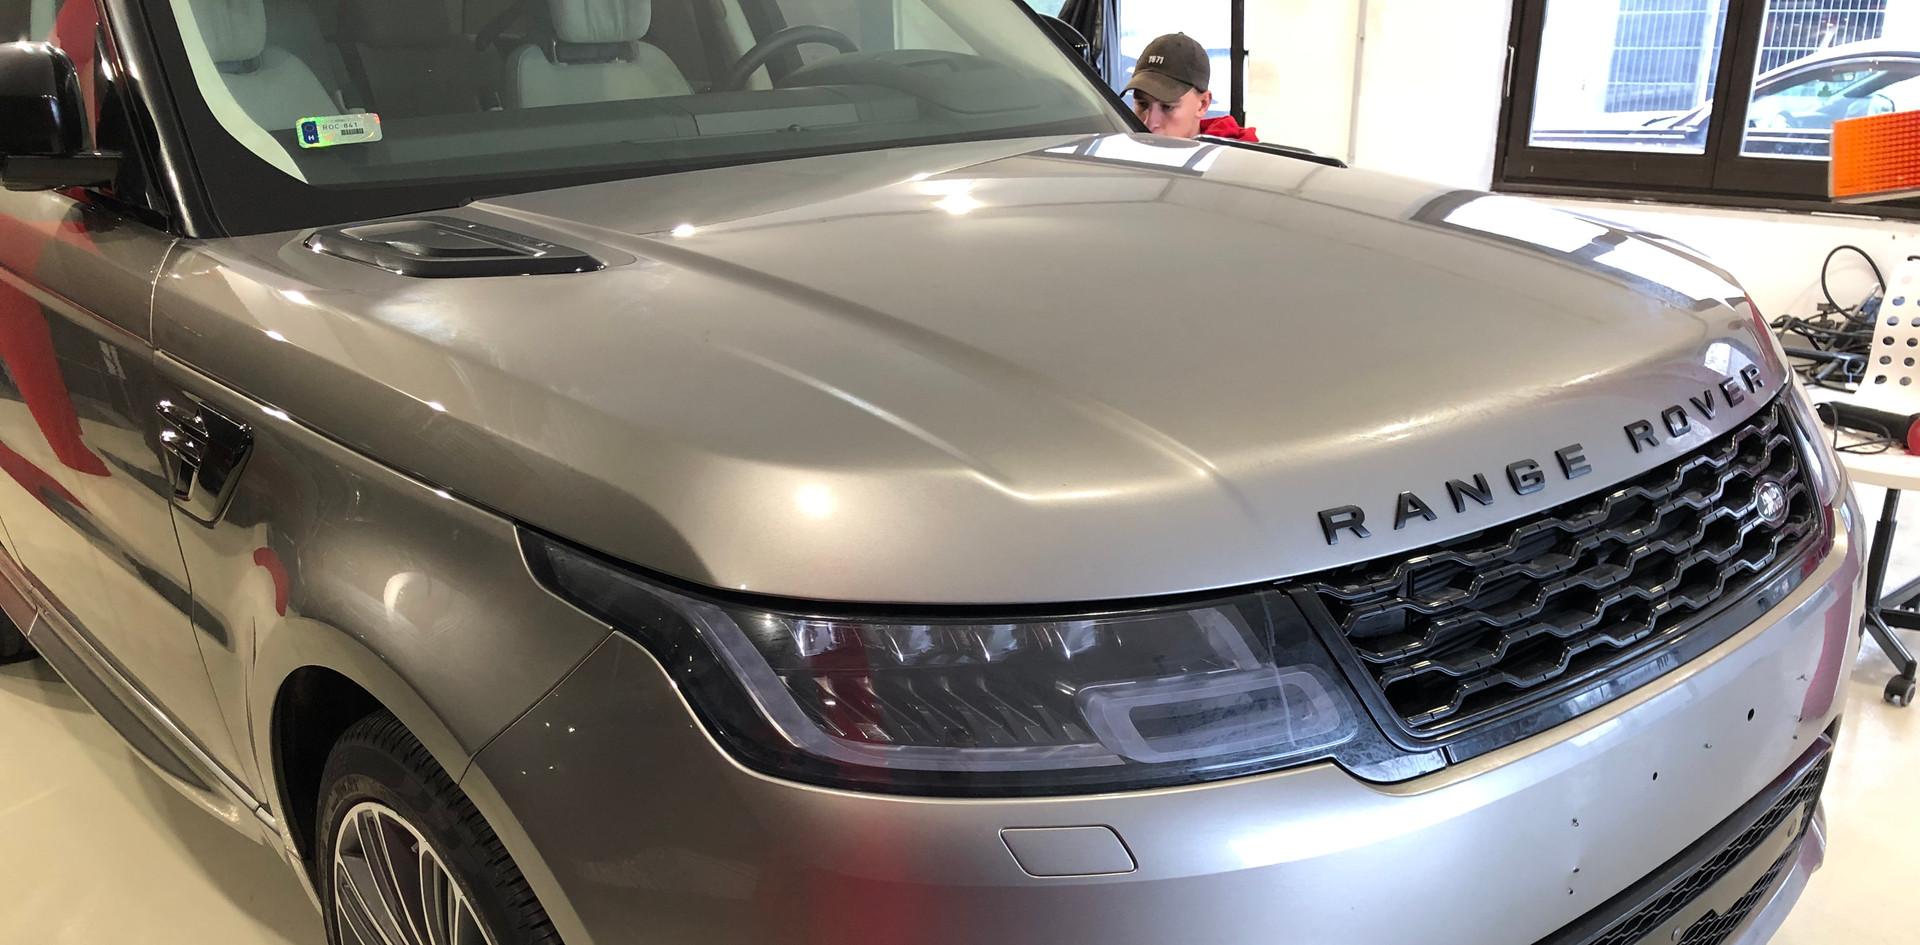 Range Rover Full Front karosszéria védő fóliázás